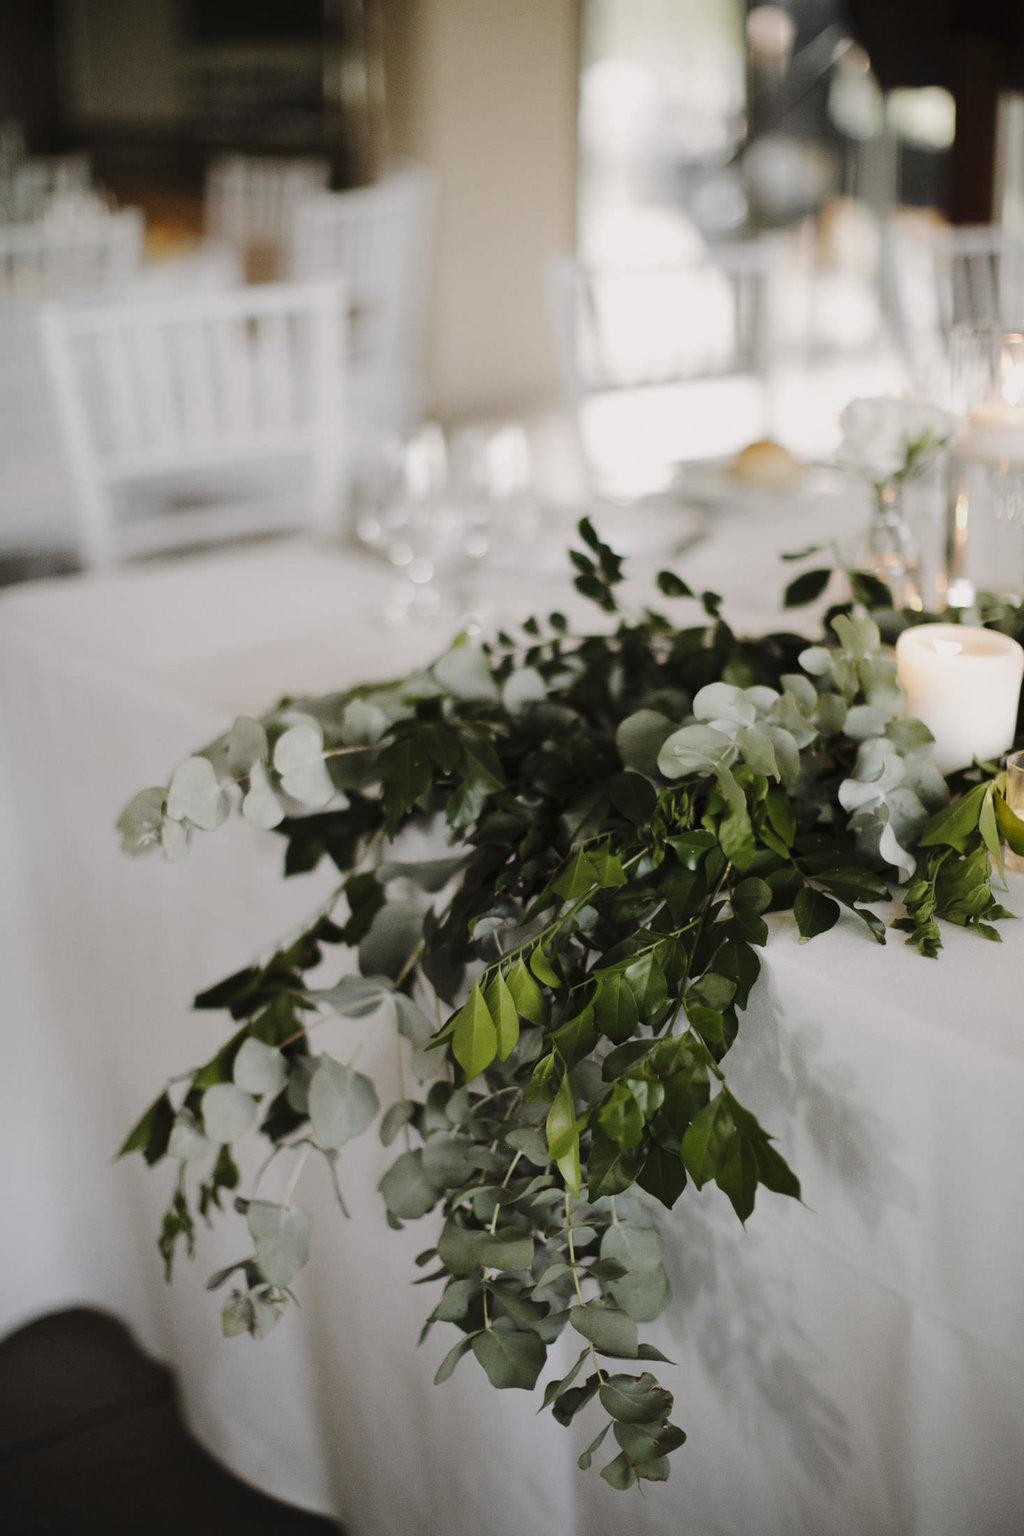 170211_justinaaron_wedding_grace_hayden_h-114.jpg